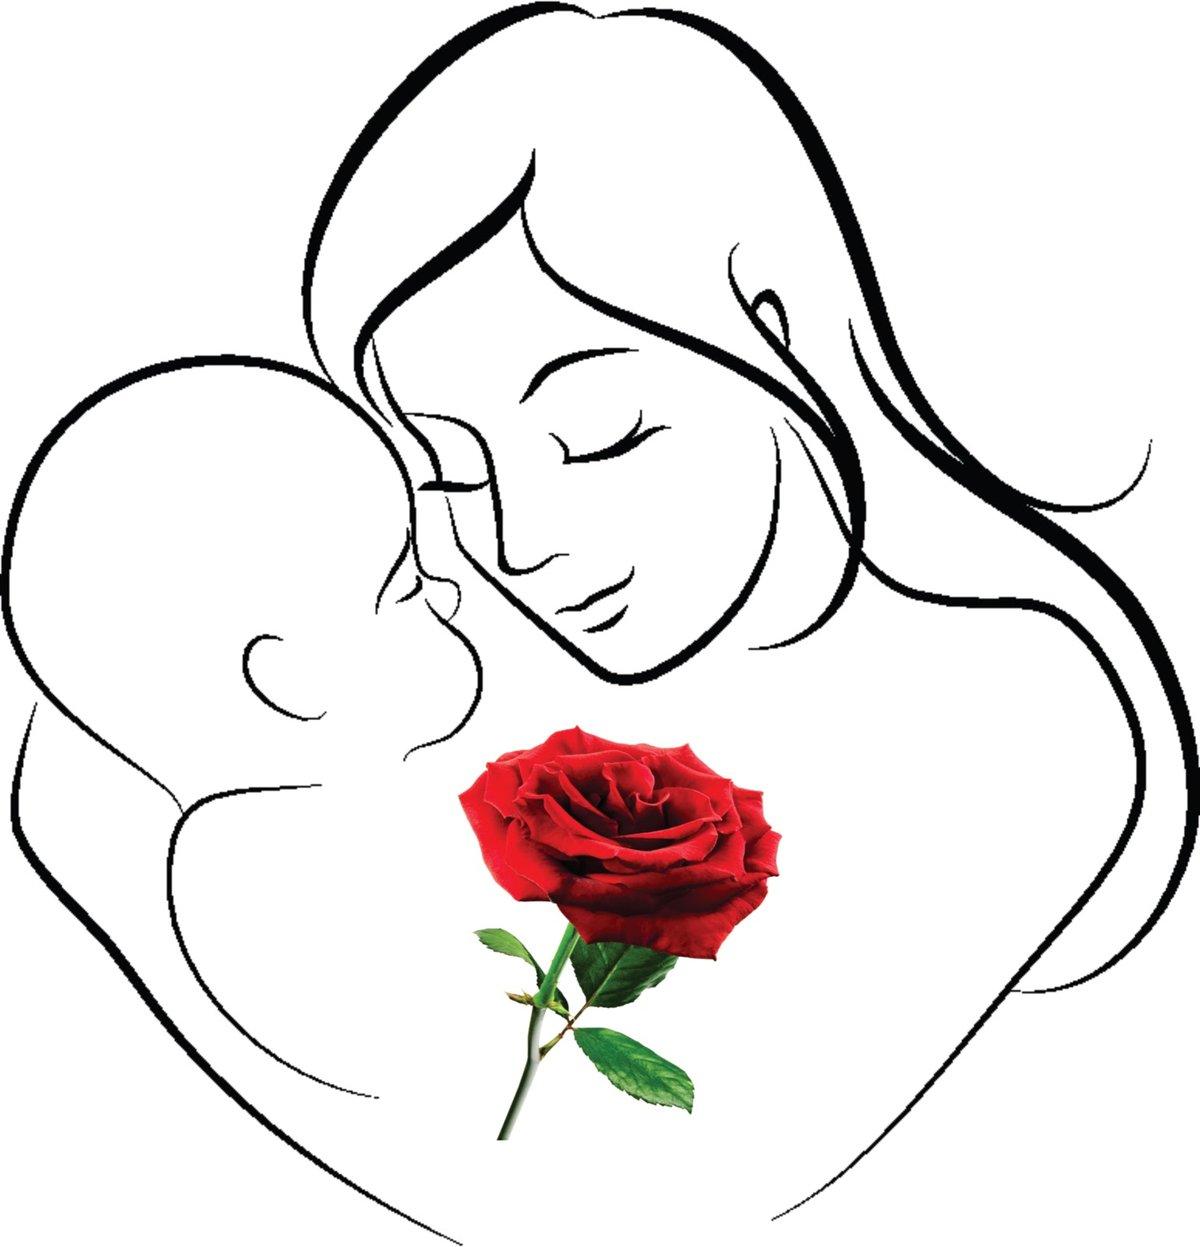 хороши рисунок на тему день матери карандашом посетители